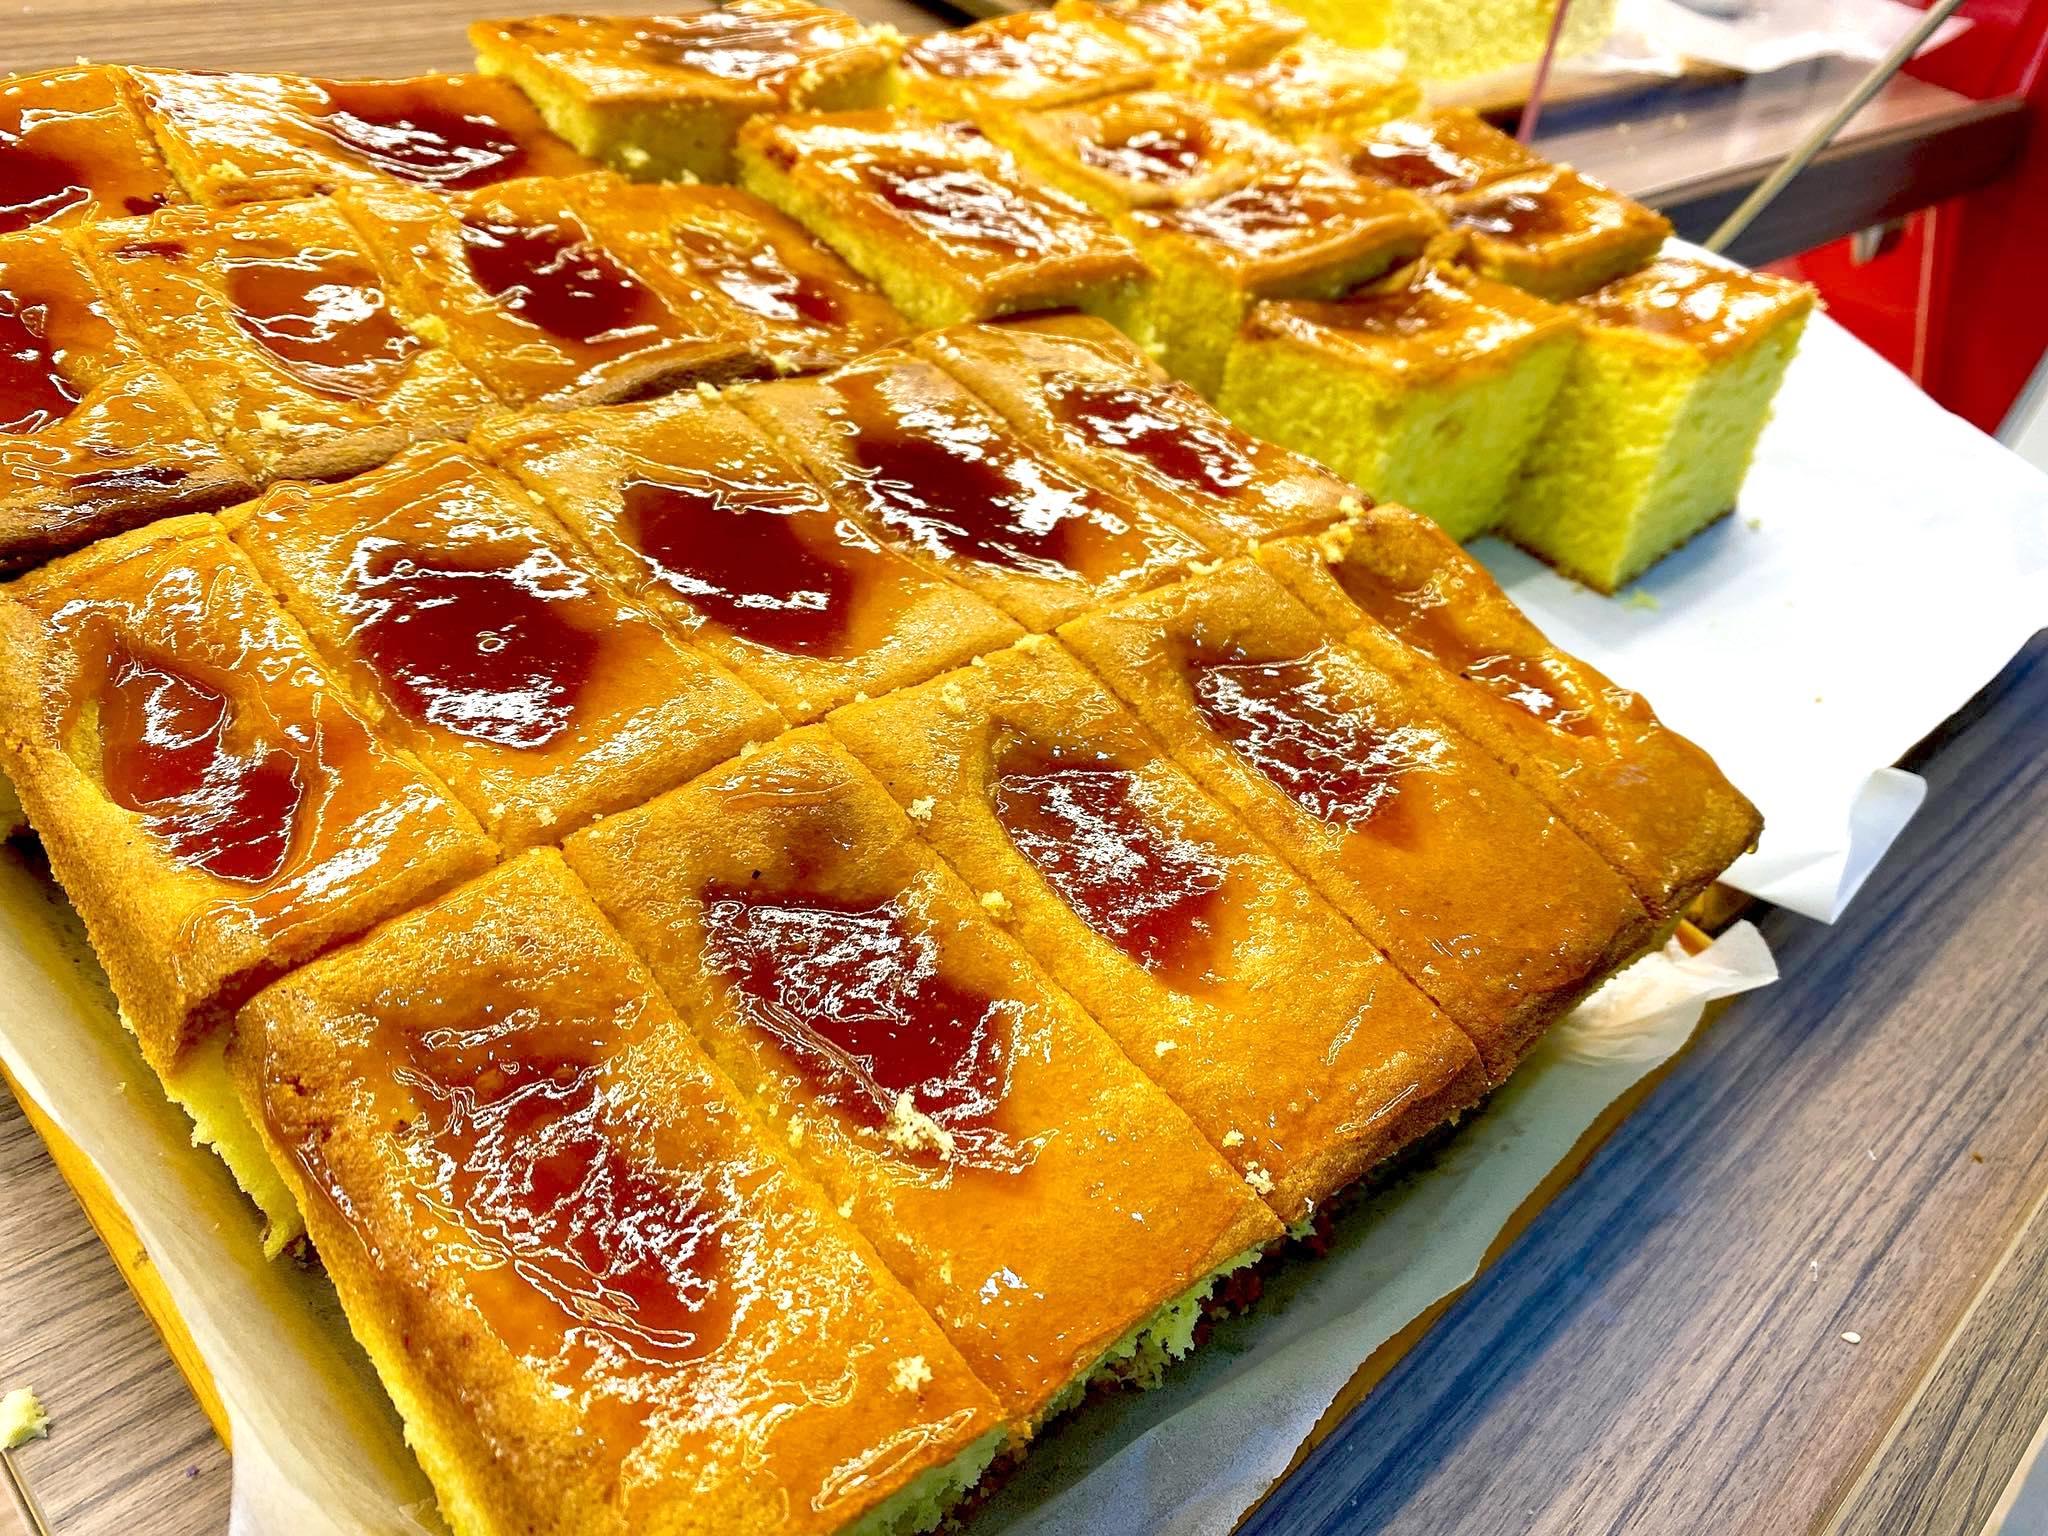 華爾登餅店, 菠蘿磅蛋糕, 菠蘿 Jam Cake, 翻轉菠蘿磅蛋糕